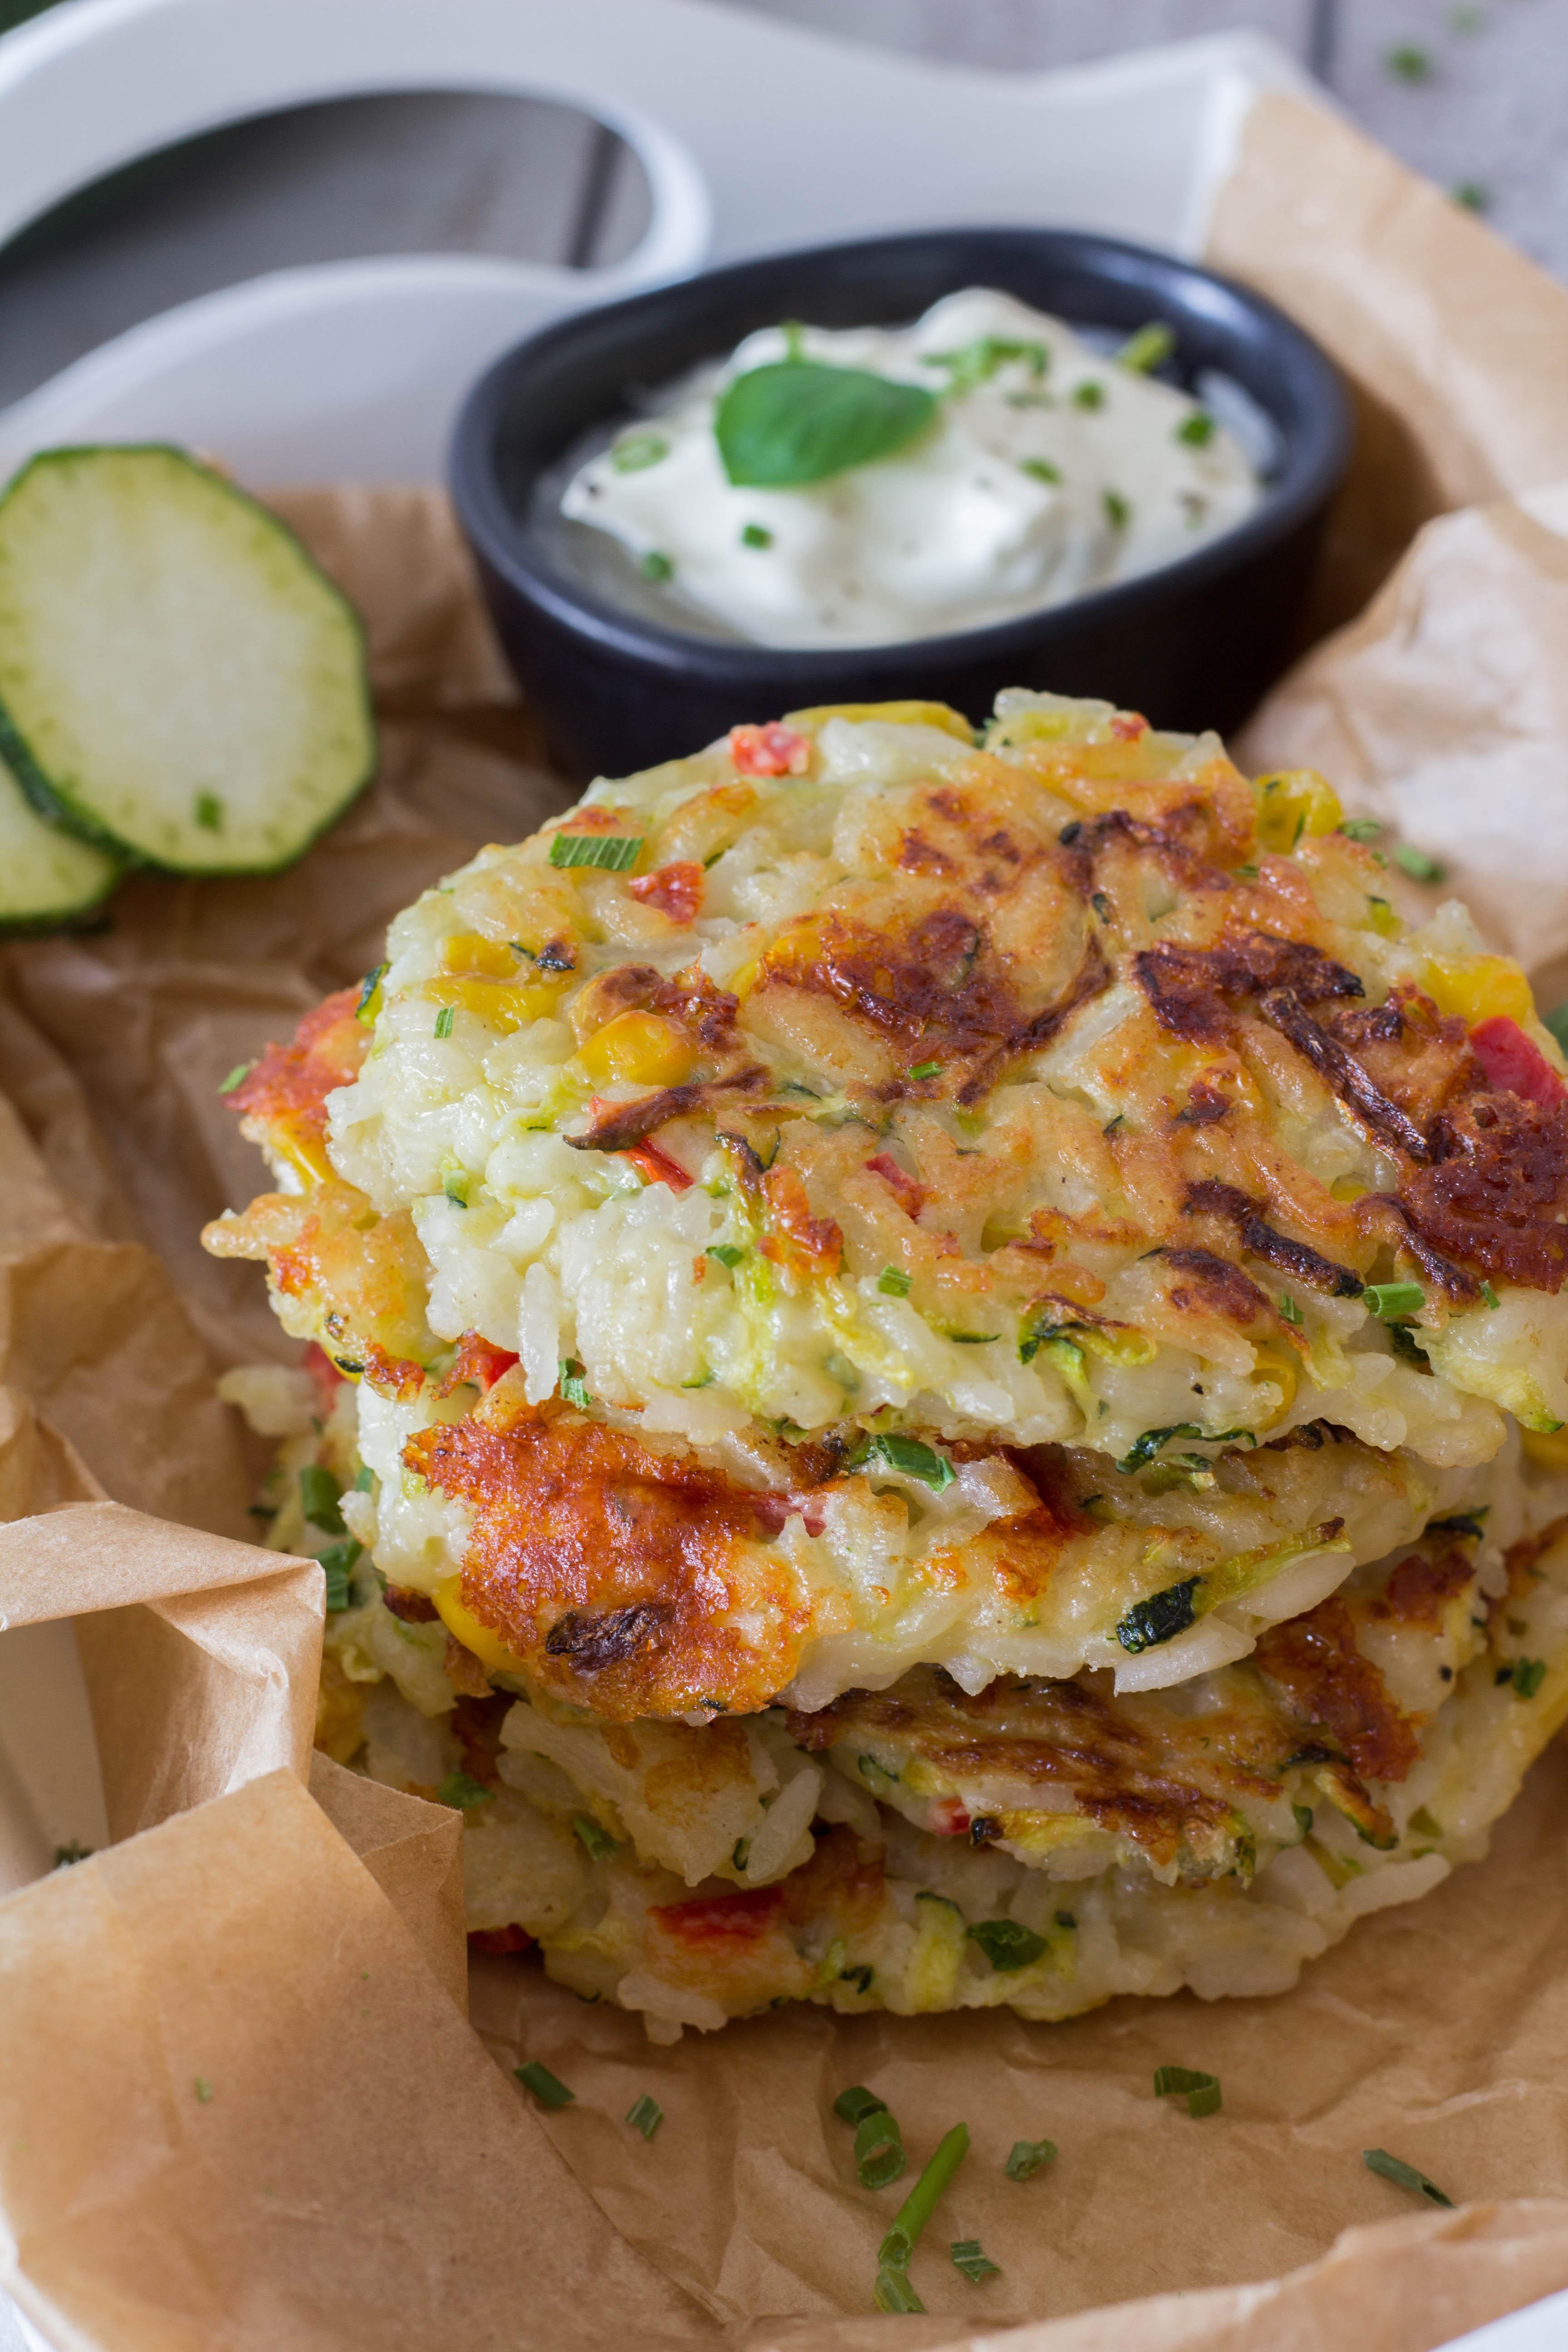 leckere, gesunde Reispuffer mit Gemüse - Mittagessen für die ganze Familie.